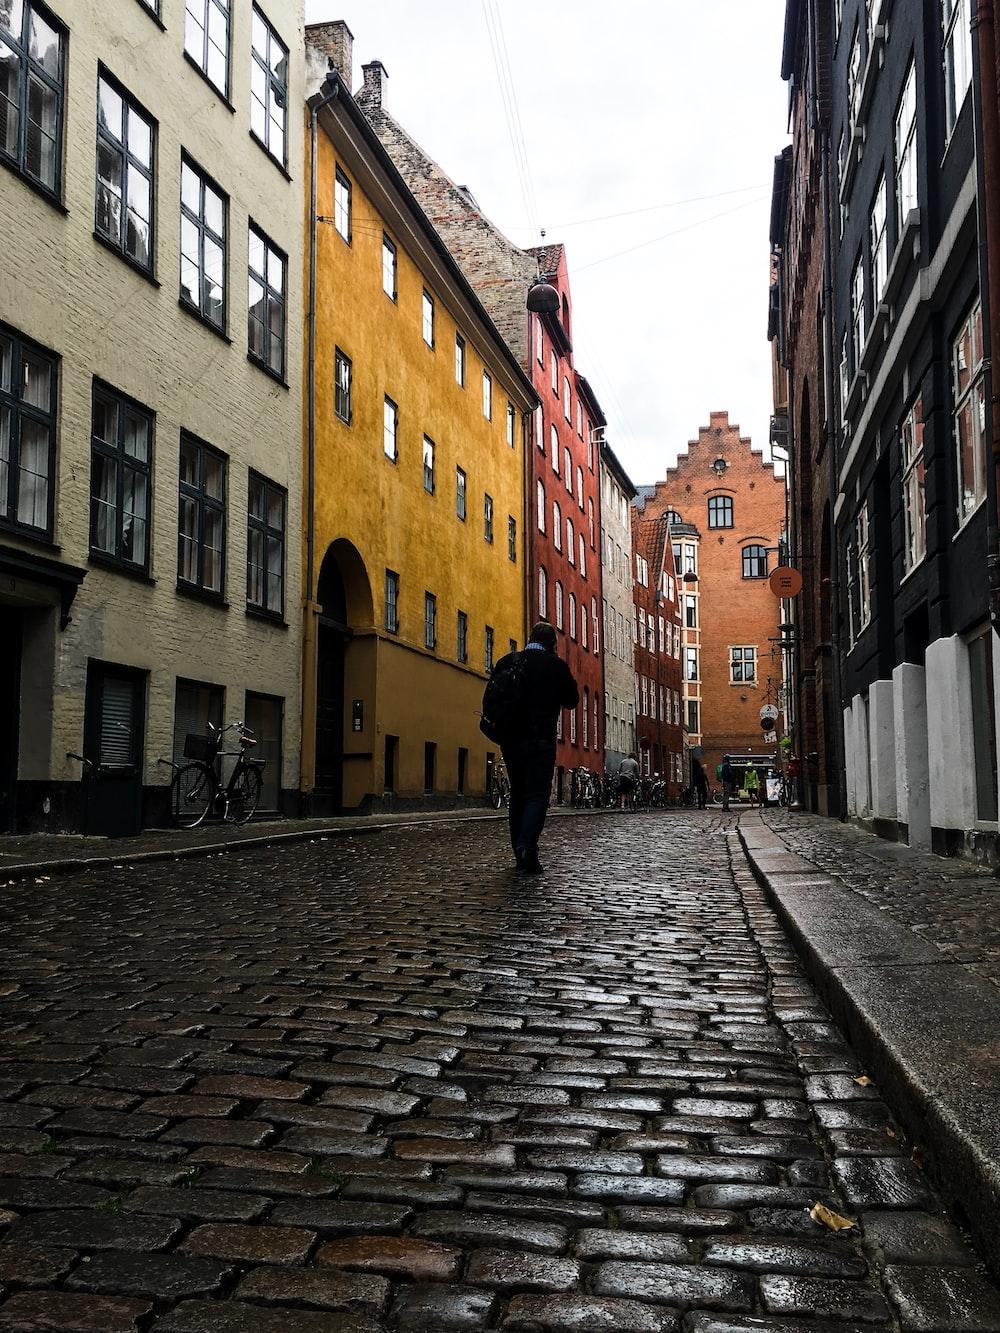 man walking in alley